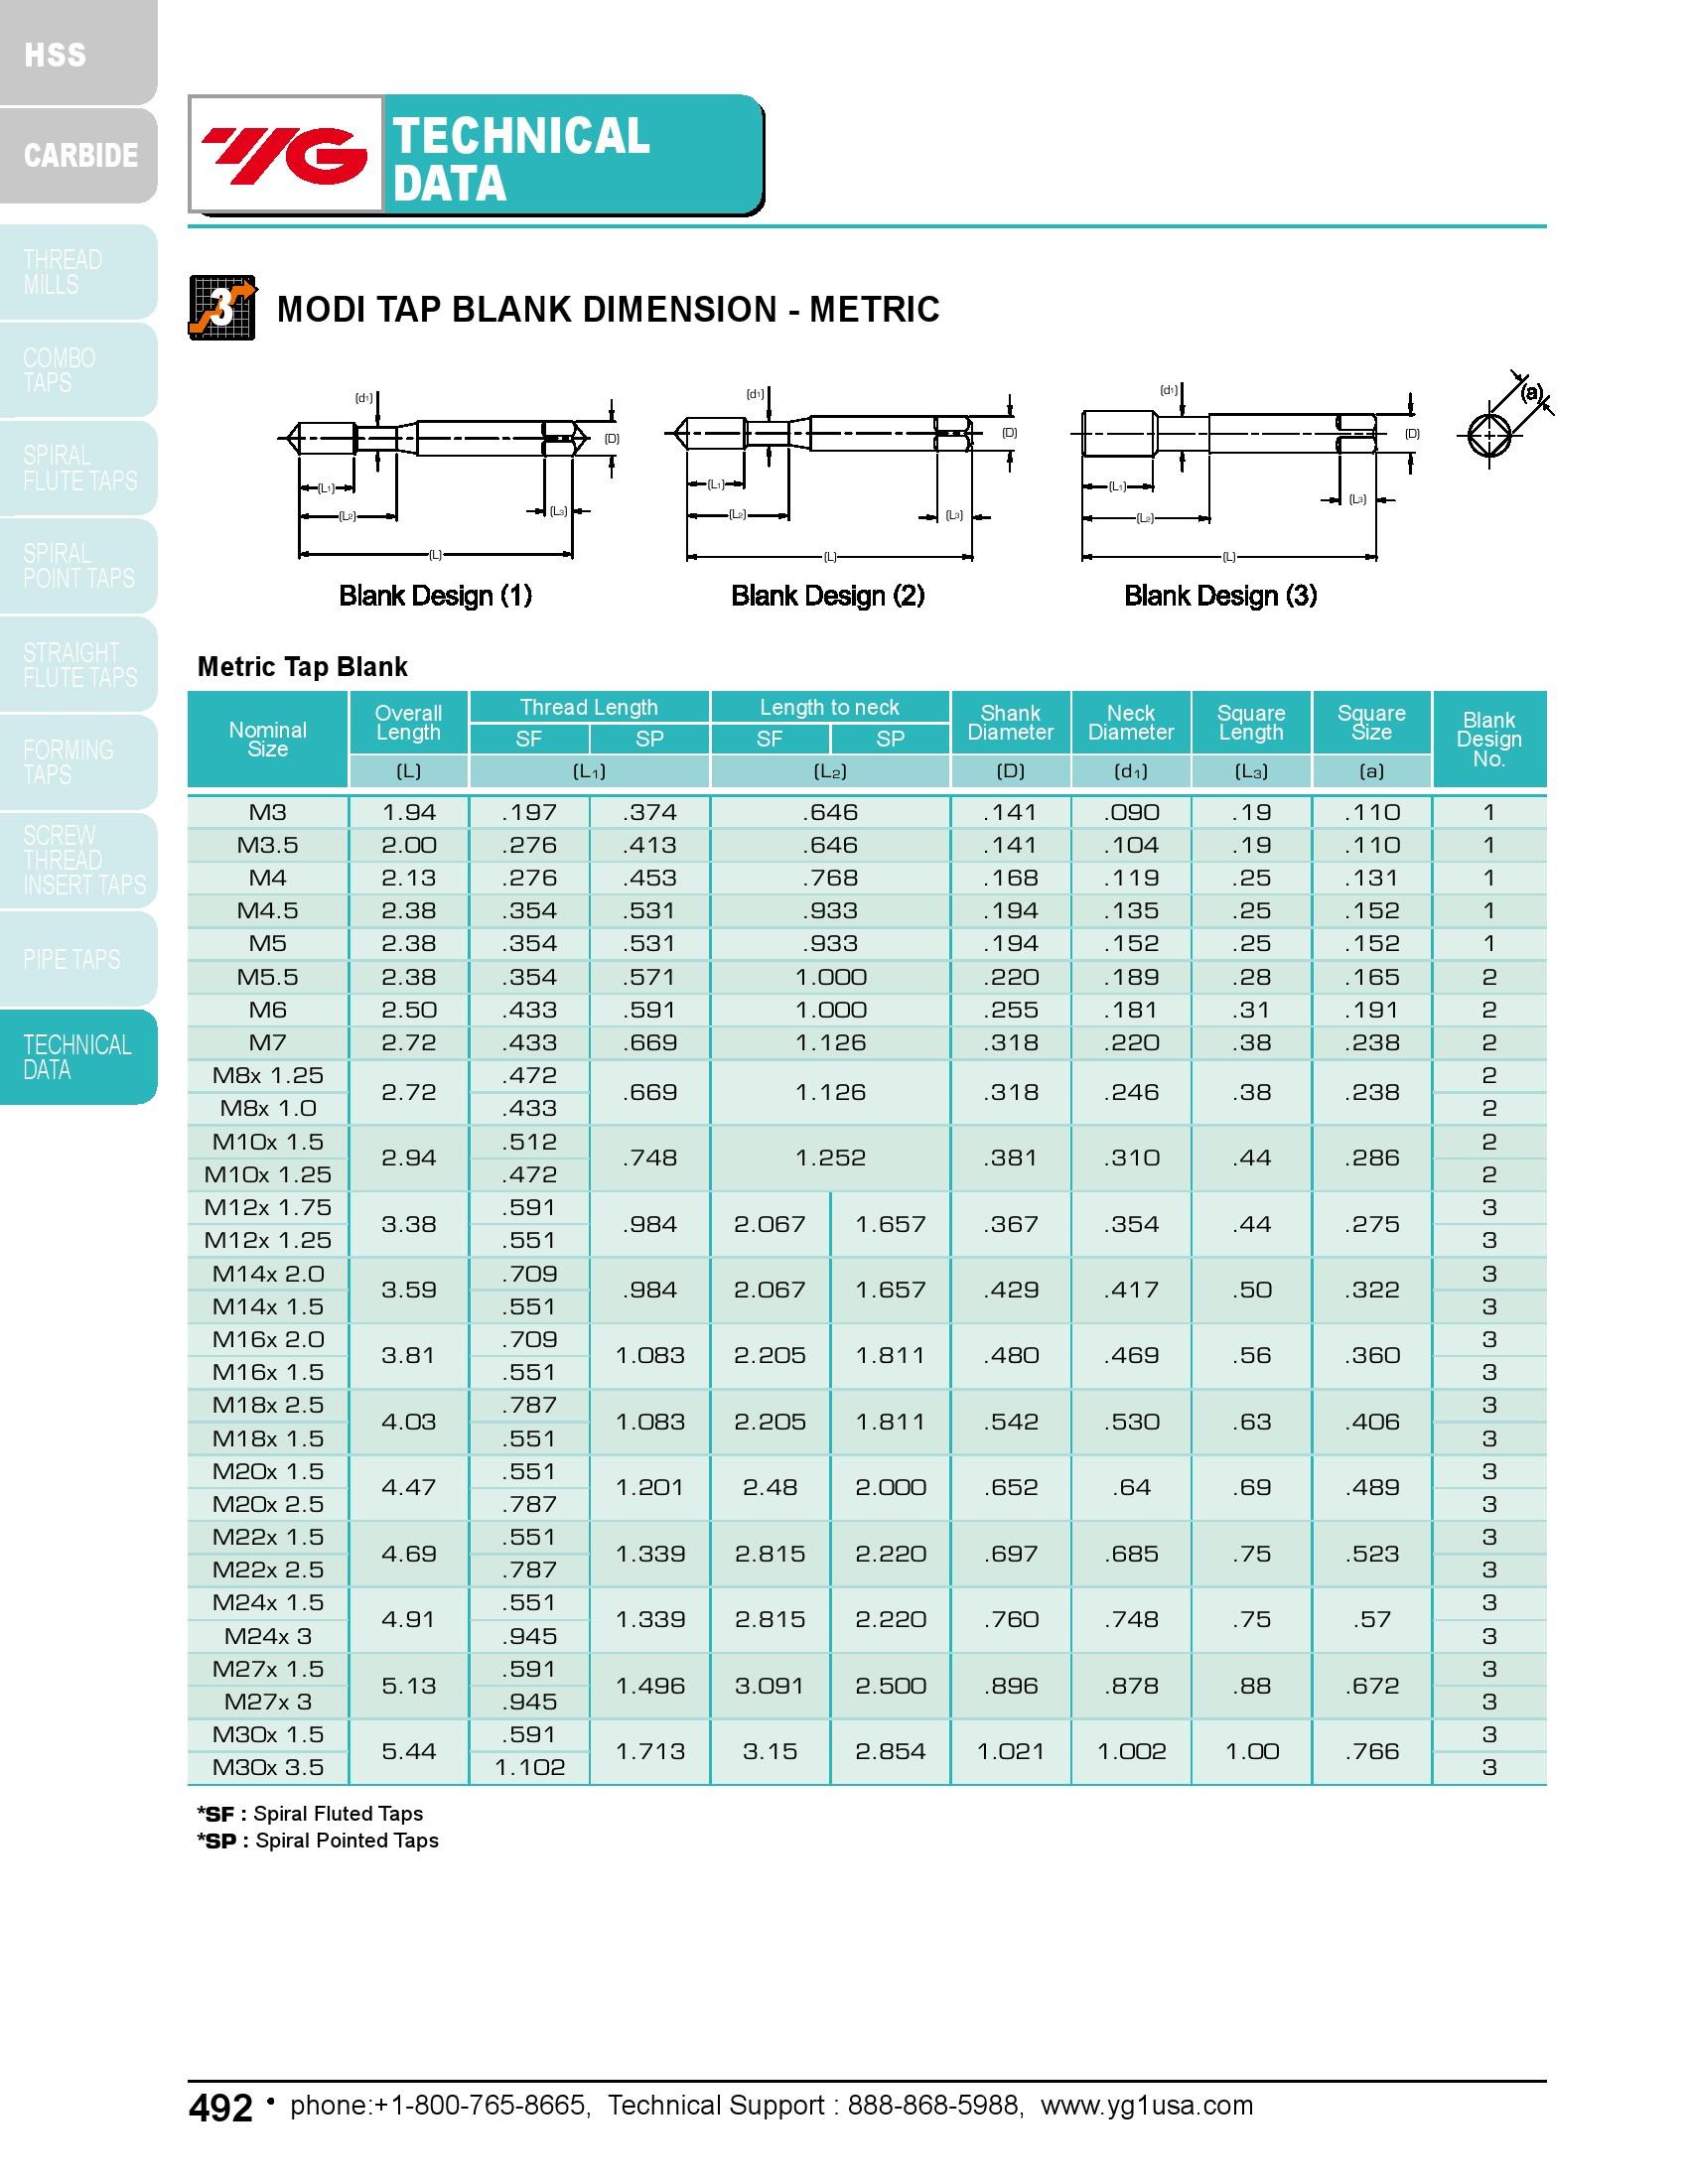 3pcs M10 x 1.25 D5 3FL Spiral Point Plug HSS-EX Steam Oxide DIN Length Combo-Tap